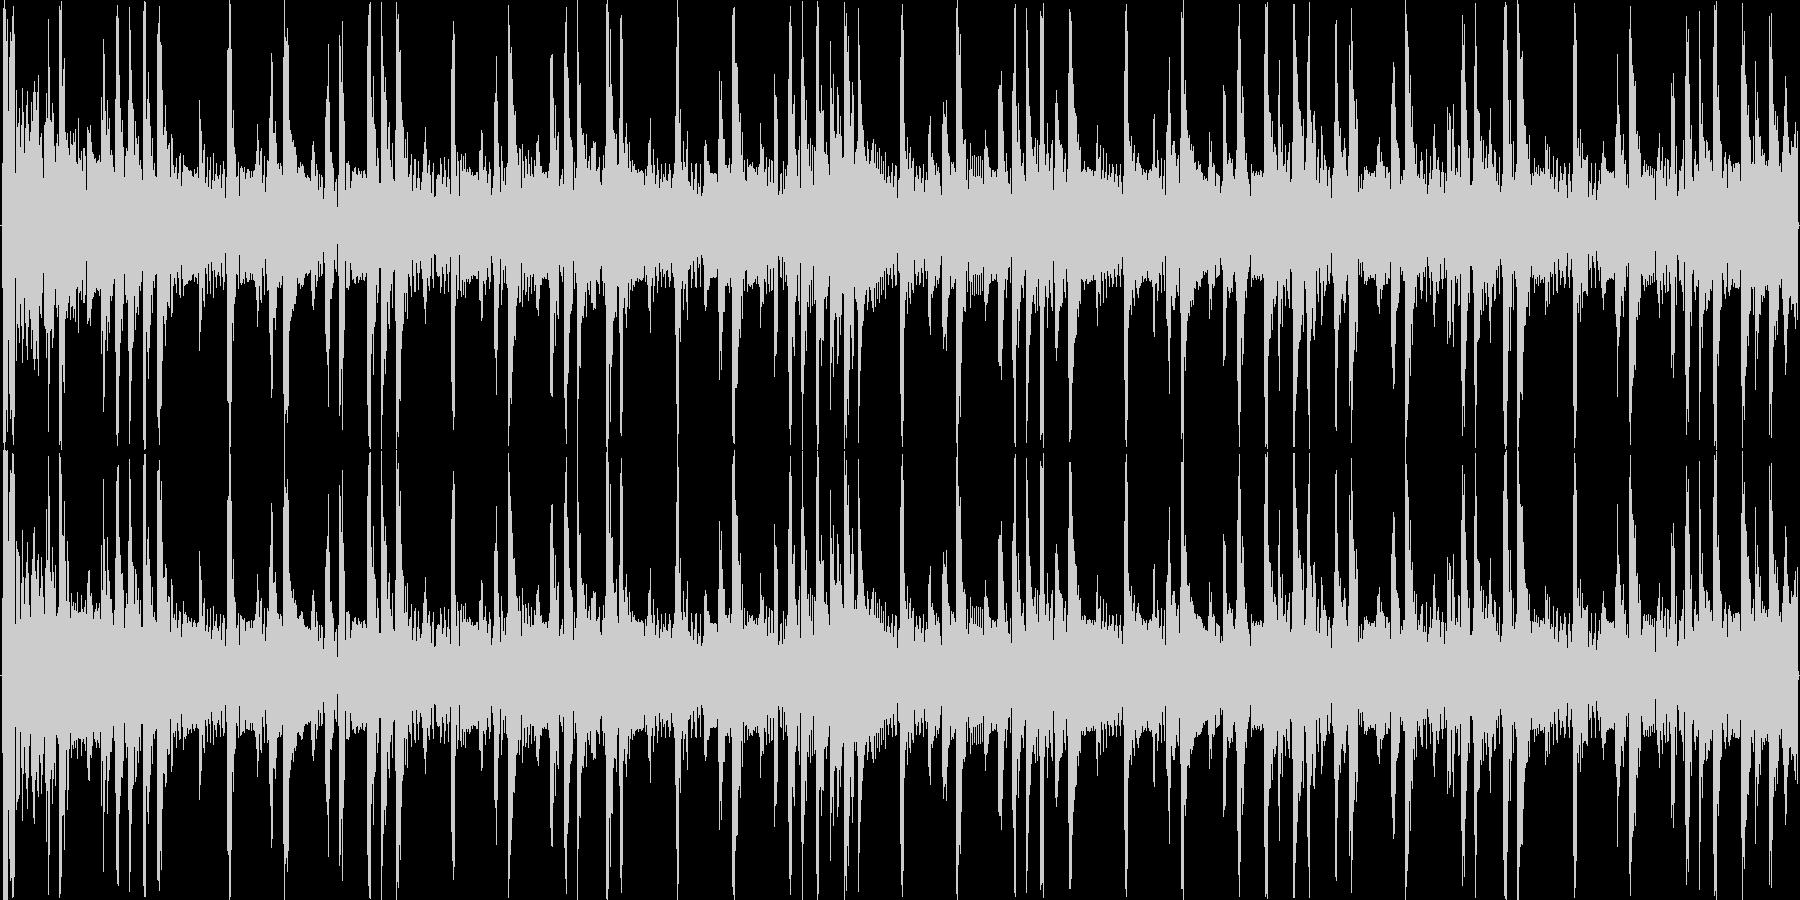 リズミックなイメージをした楽曲です。の未再生の波形